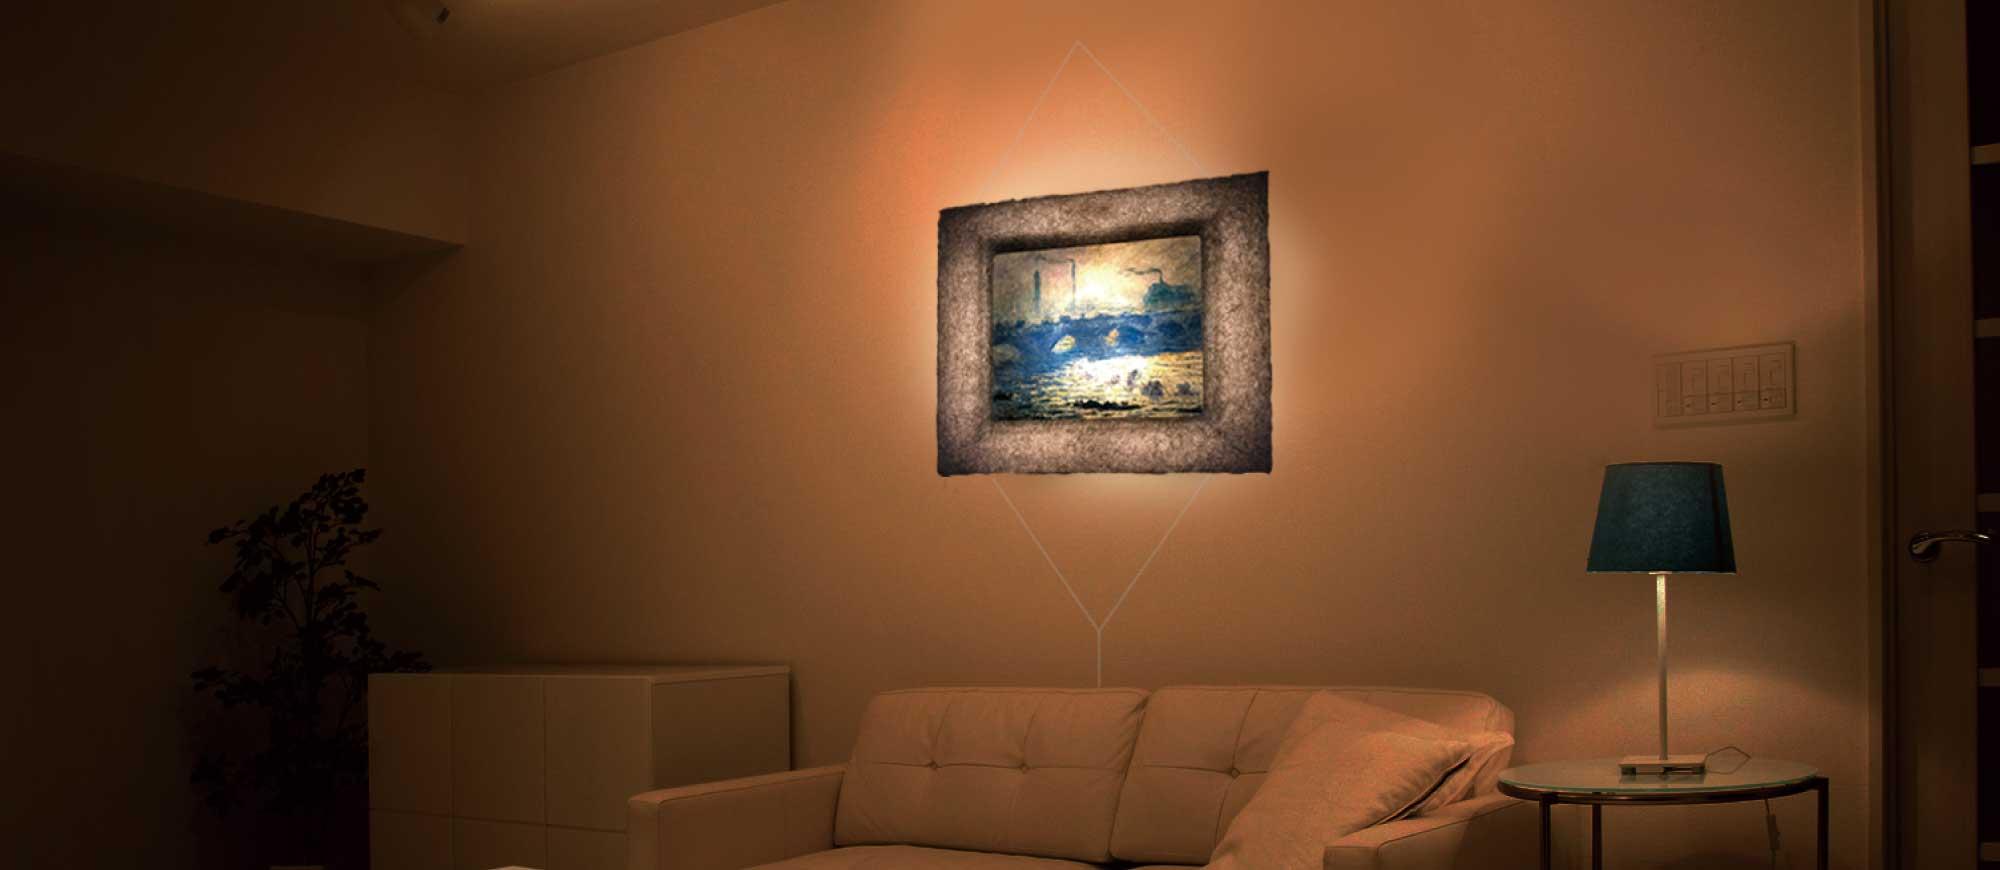 ワイヤーは壁掛け和紙ックフォトフレームの付属品